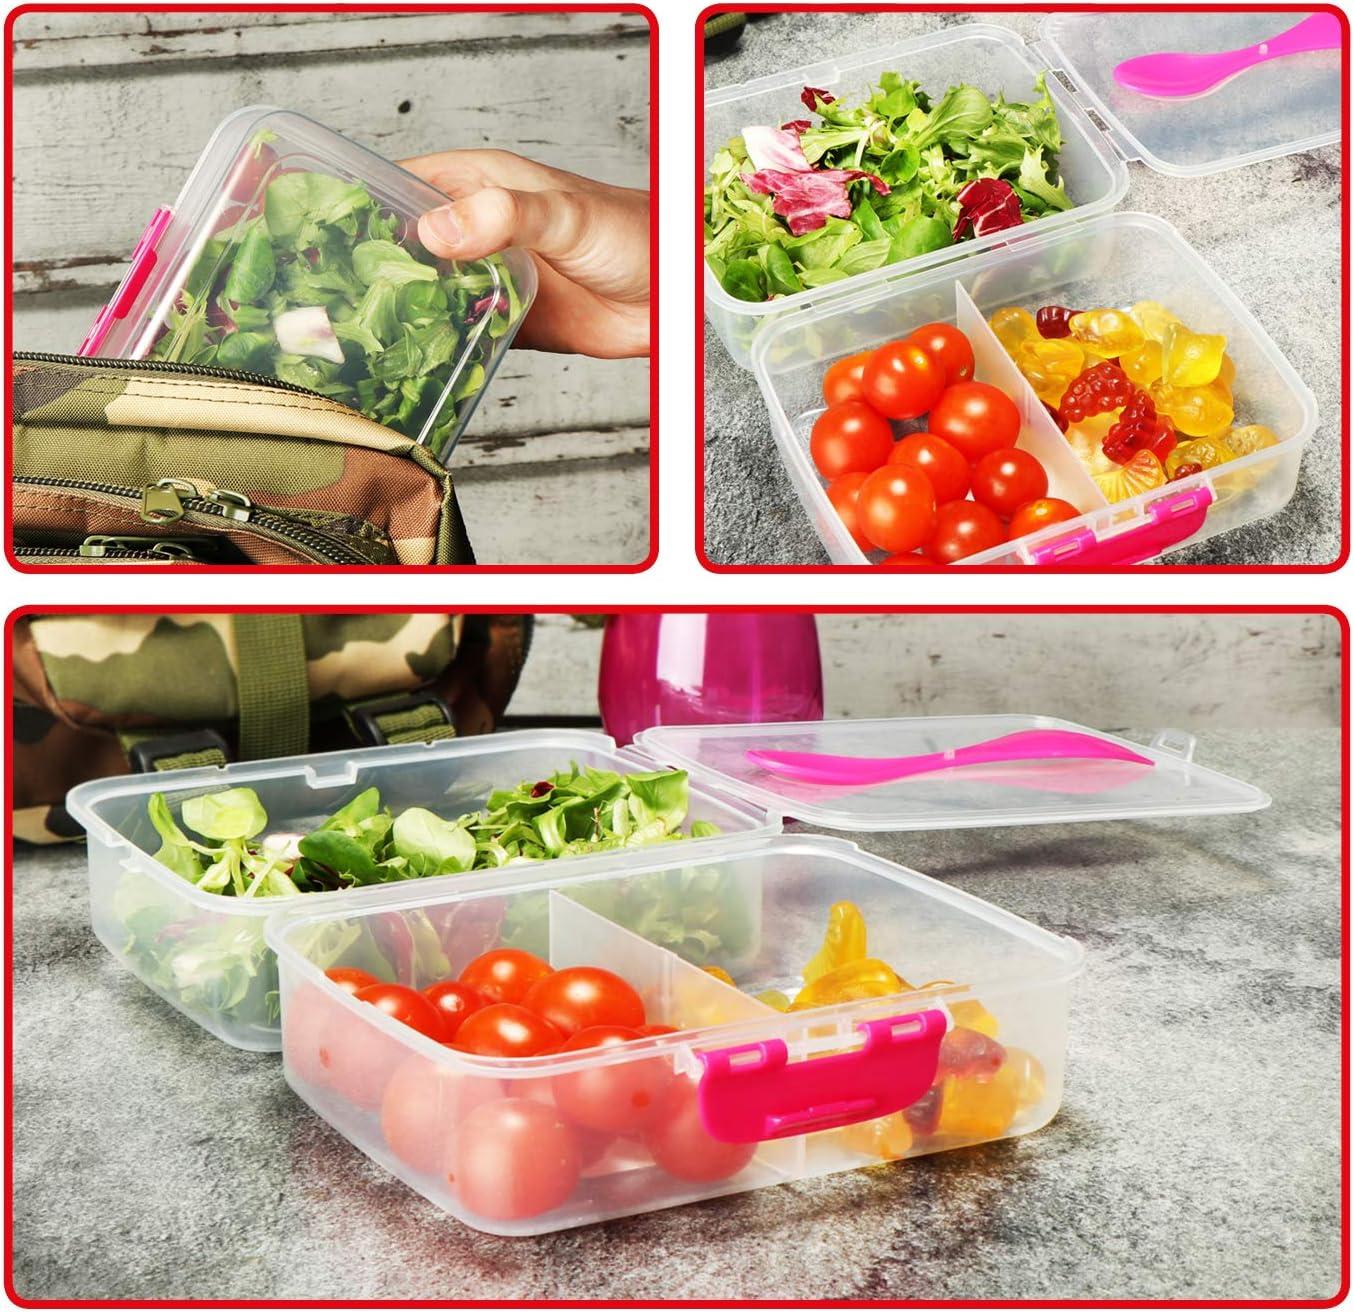 sur la route Bo/îte /à petit-d/éjeuner 17 x 13 x 9,5 cm spork Bo/îte /à lunch transparente pour enfants adultes avec cloisons COM-FOUR/® Bo/îte /à lunch 2x avec une cuill/ère 2 pi/èces - transpar